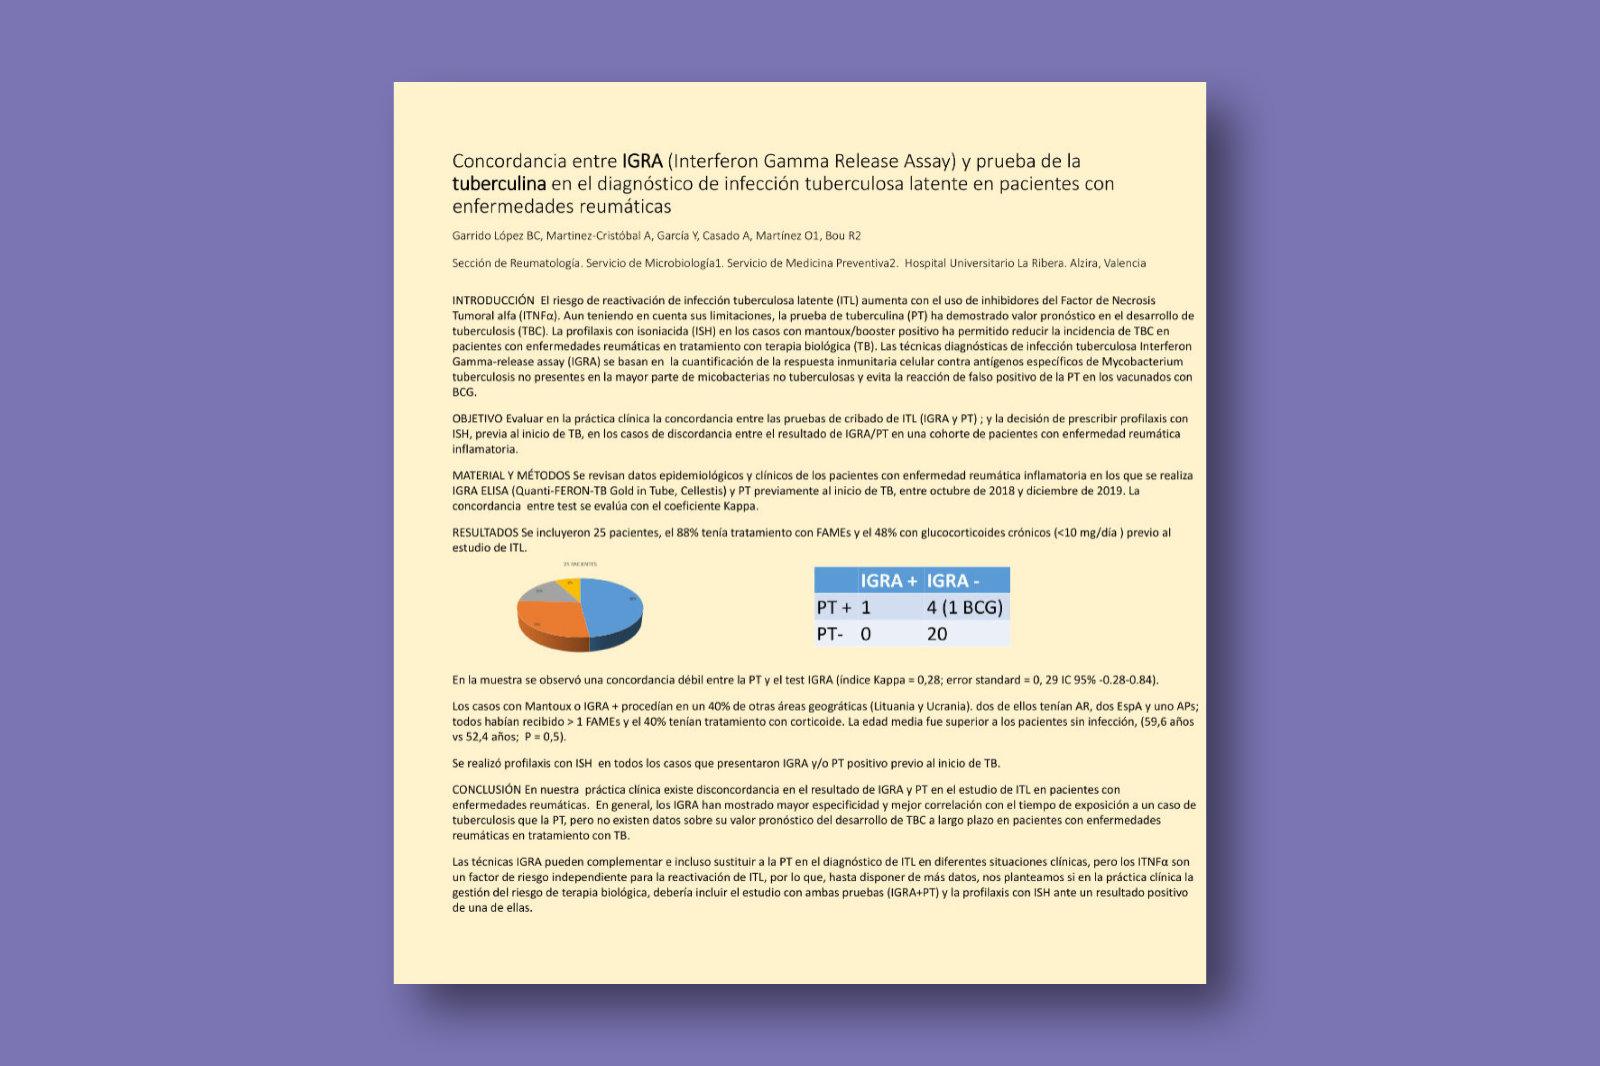 Concordancia entre IGRA (Interferon Gamma Release Assay) y prueba de la tuberculina en el diagnóstico de infección tuberculosa latente en pacientes con enfermedades reumáticas